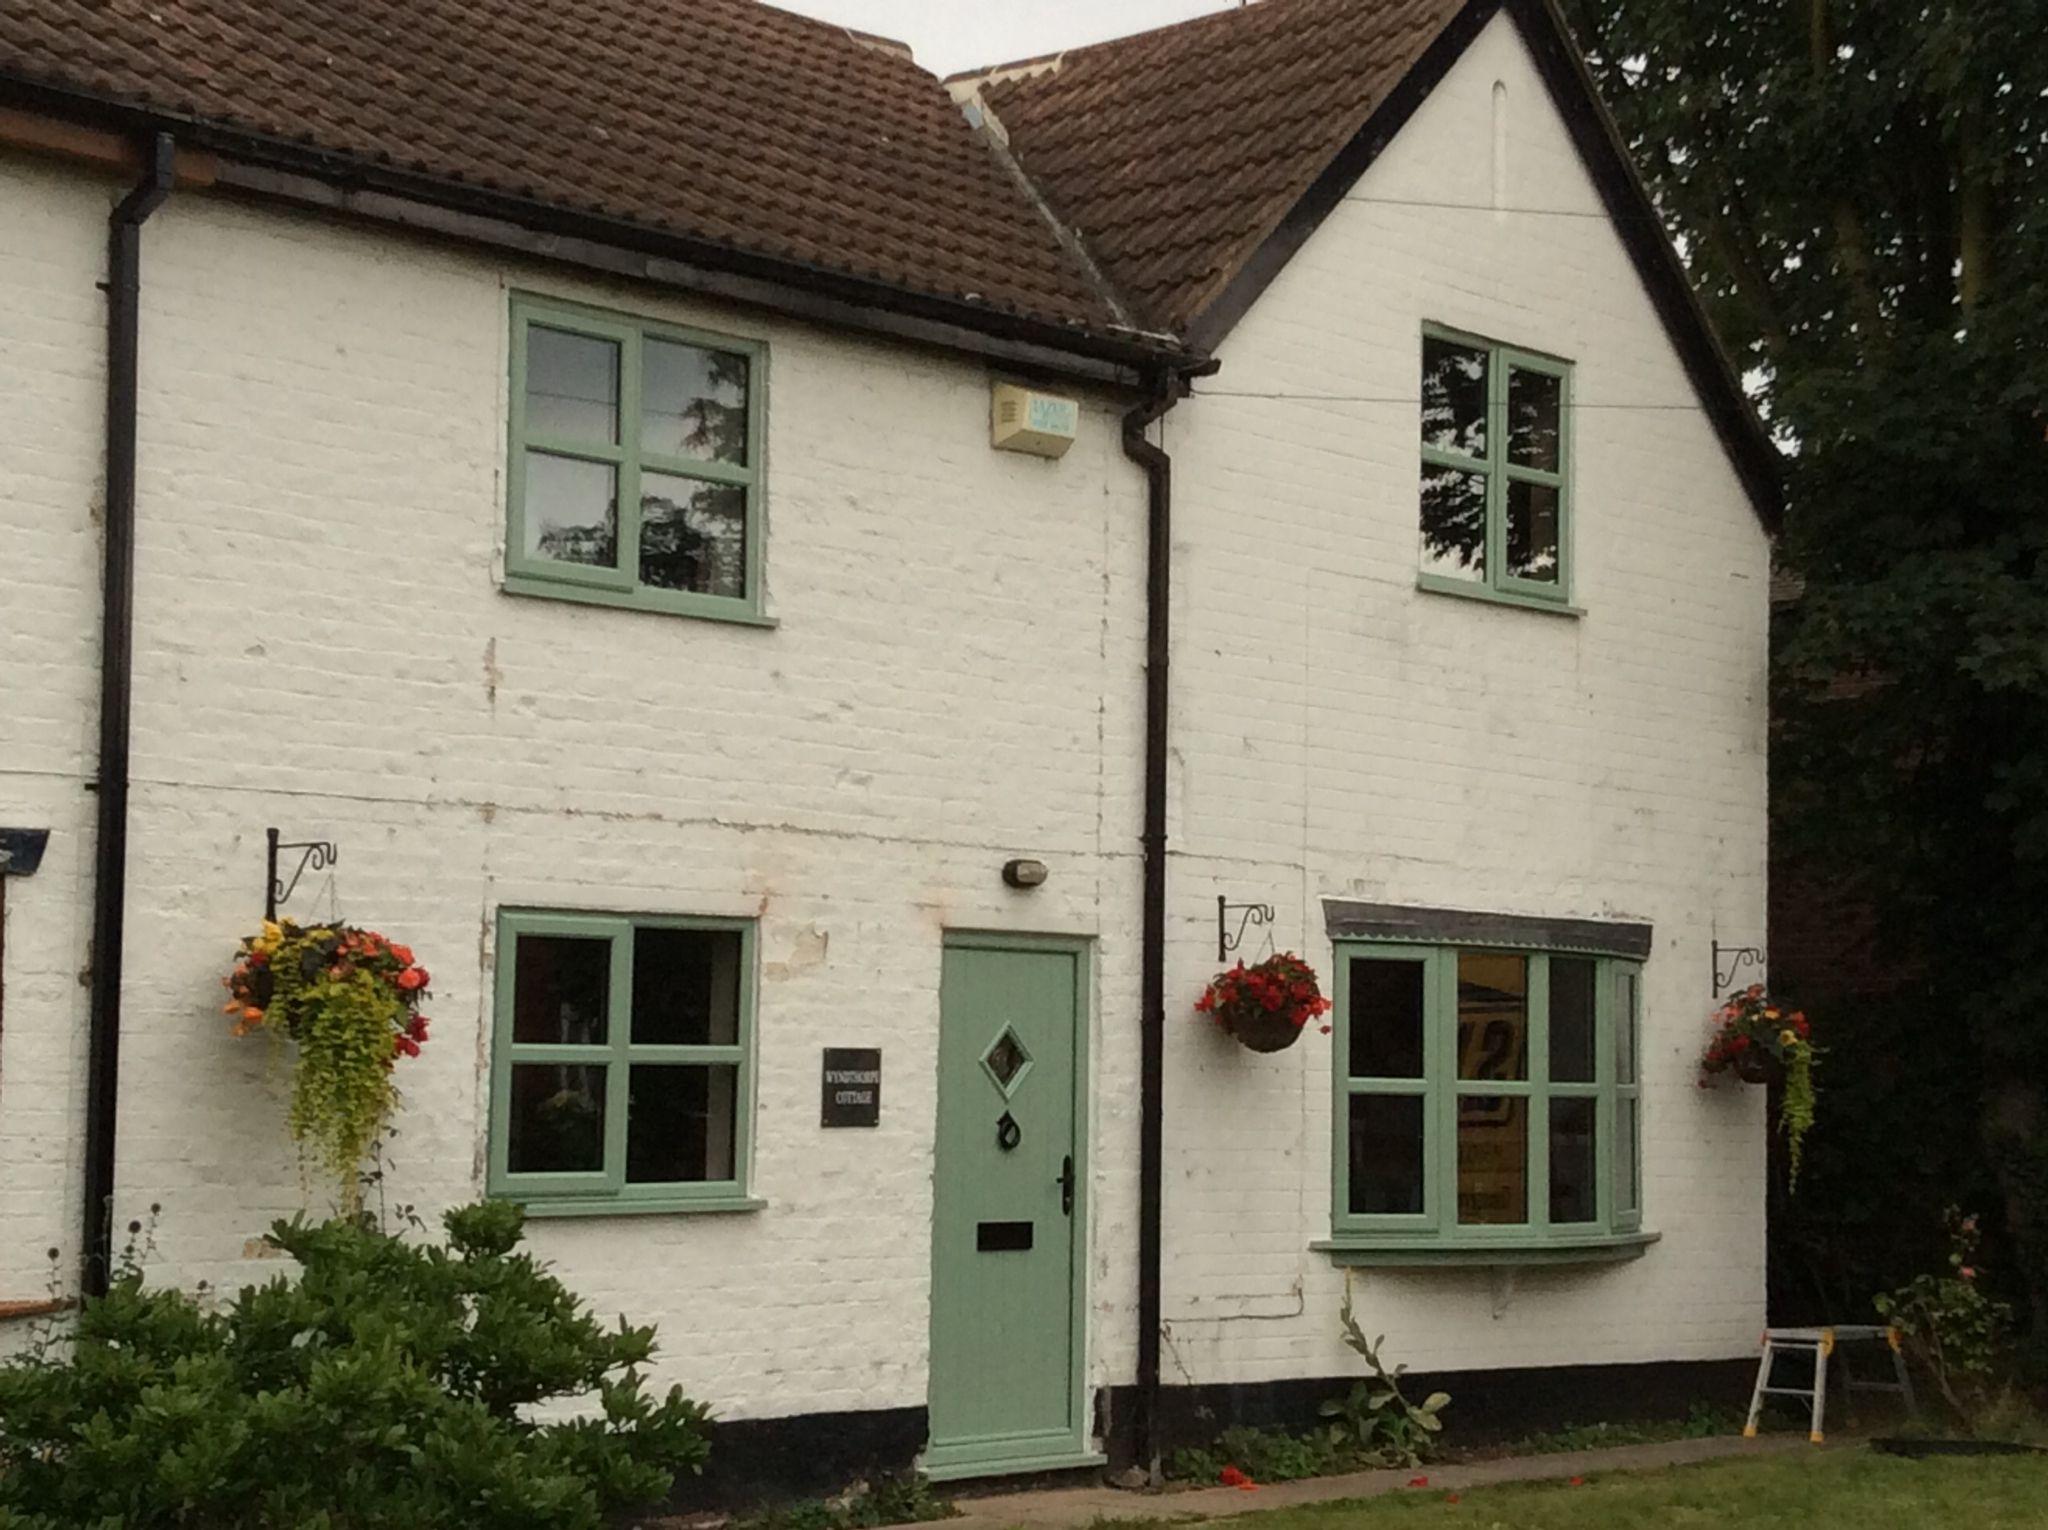 Chartwell Green Cottage Bar Windows Exterior Pinterest Bar Exterior An